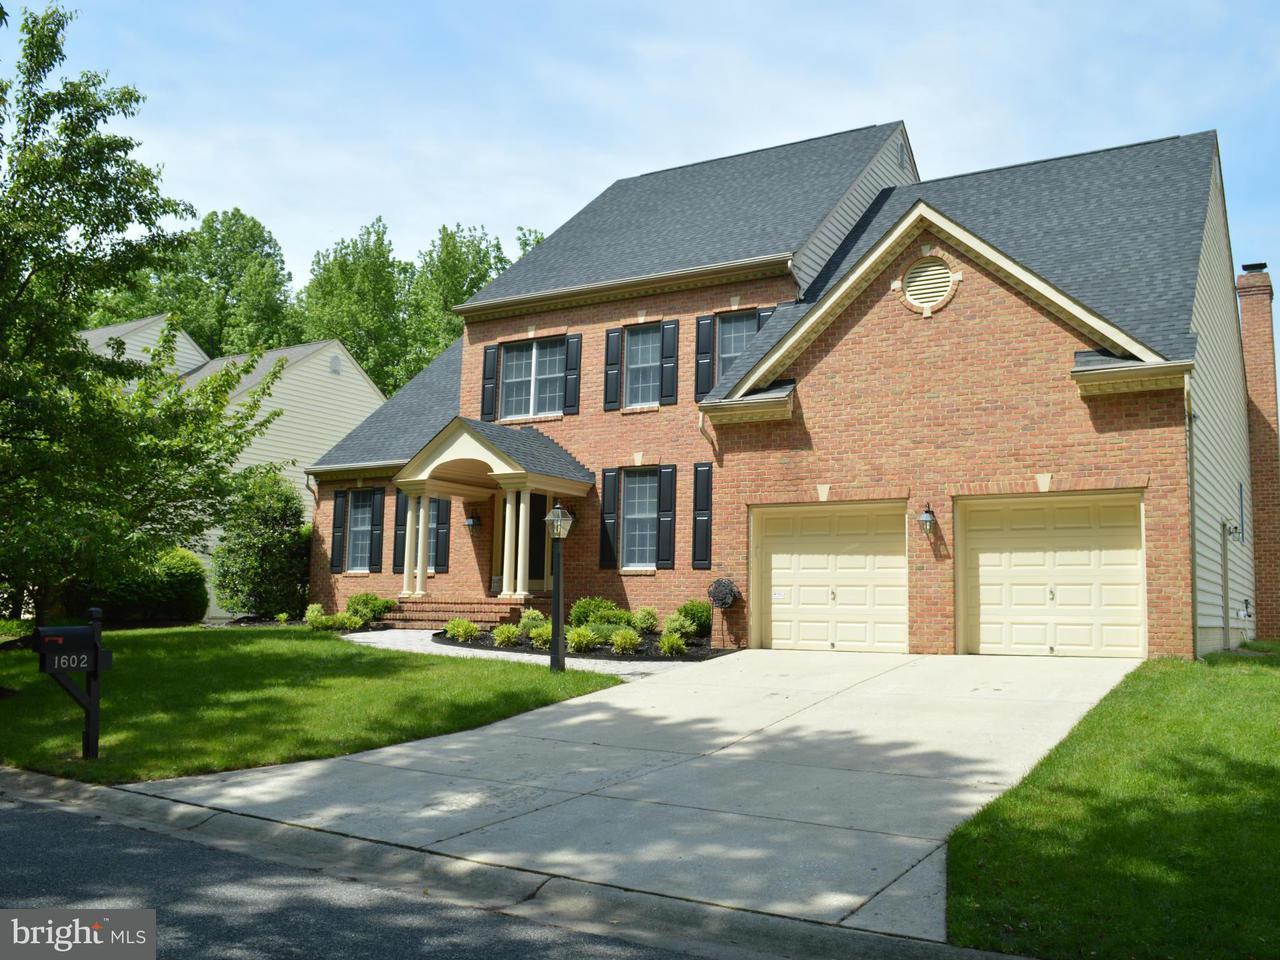 Vivienda unifamiliar por un Venta en 1602 Homewood Landing Road 1602 Homewood Landing Road Annapolis, Maryland 21409 Estados Unidos